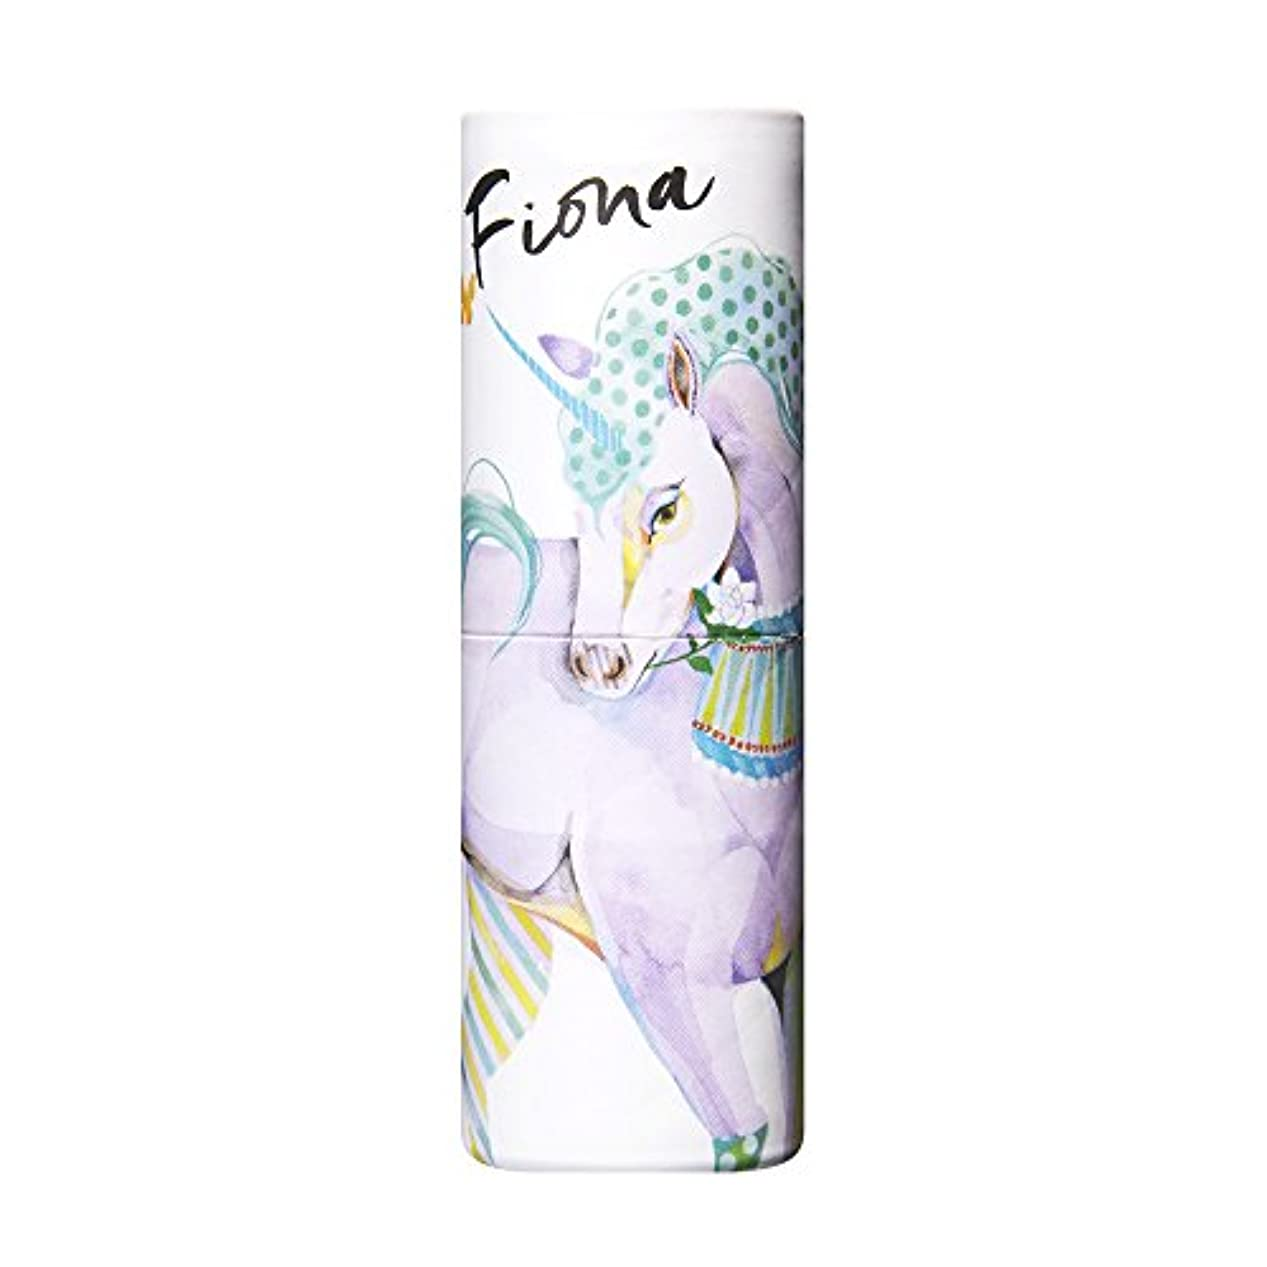 クスコキャプションまどろみのあるヴァシリーサ パフュームスティック フィオナ ユニコーン  練香水 5g